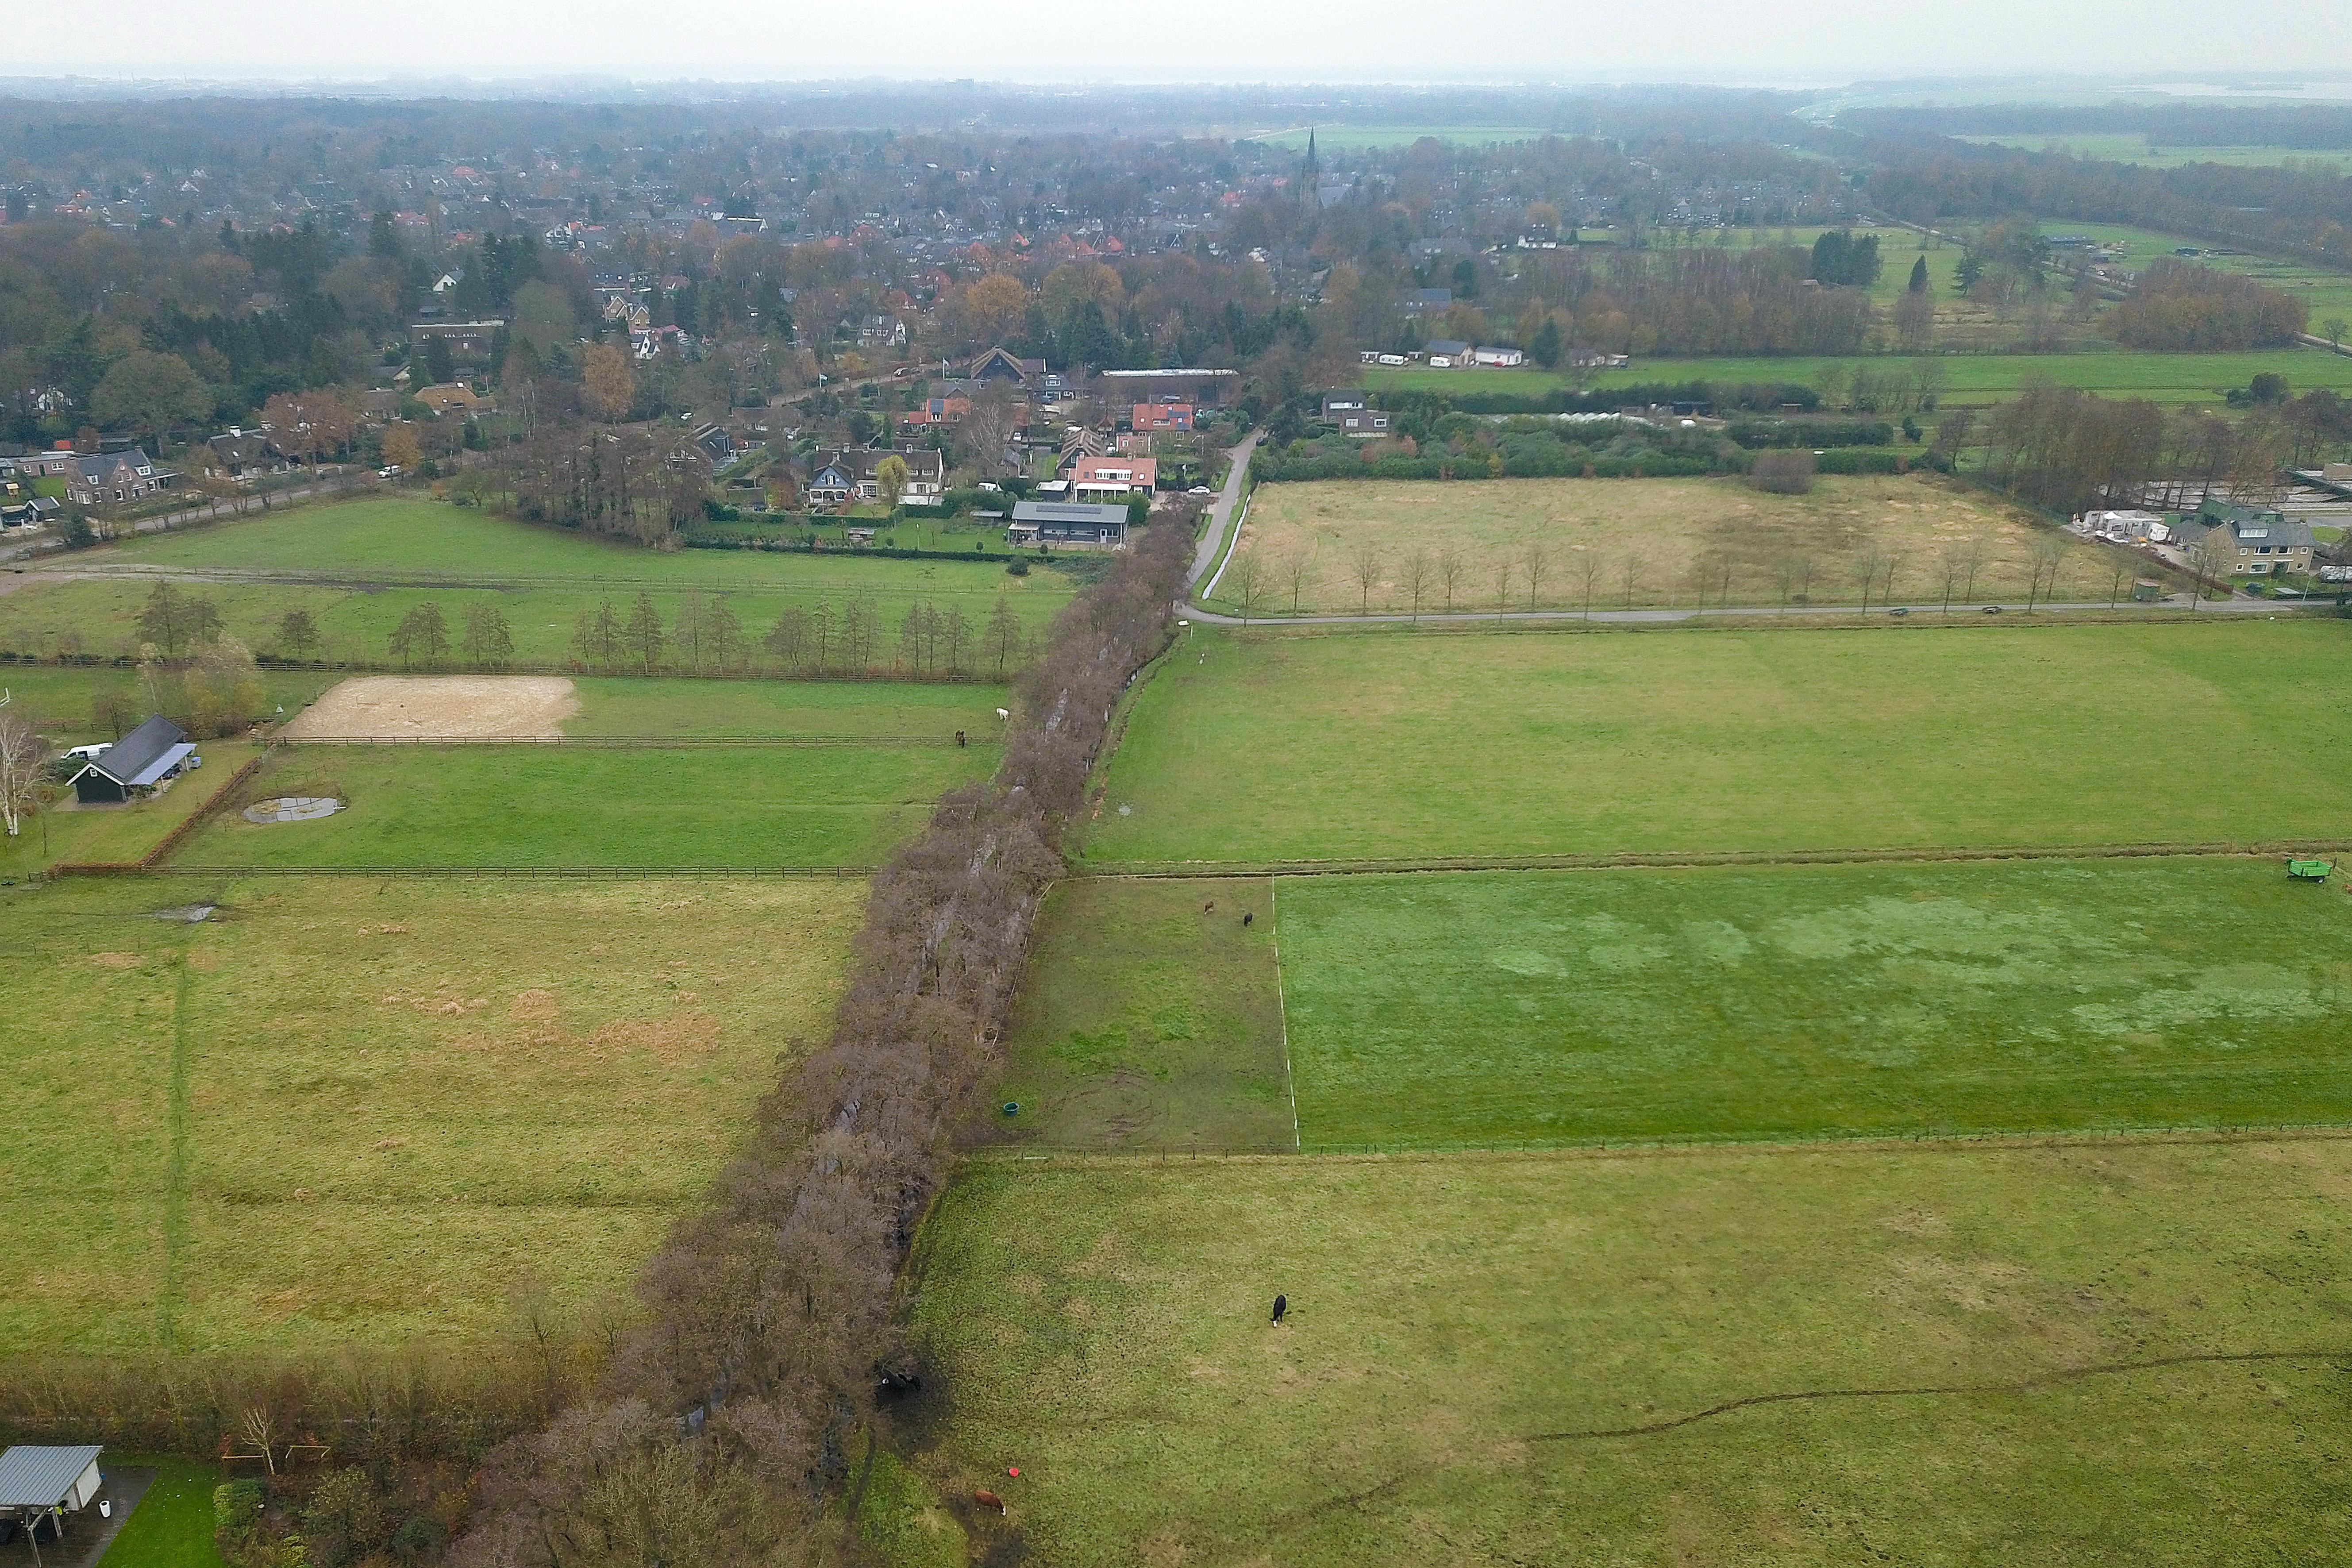 Raad wil best kijken naar de toekomst van het landelijke gebied om Blaricum, als eerst de hele gemeente onder de loep is genomen